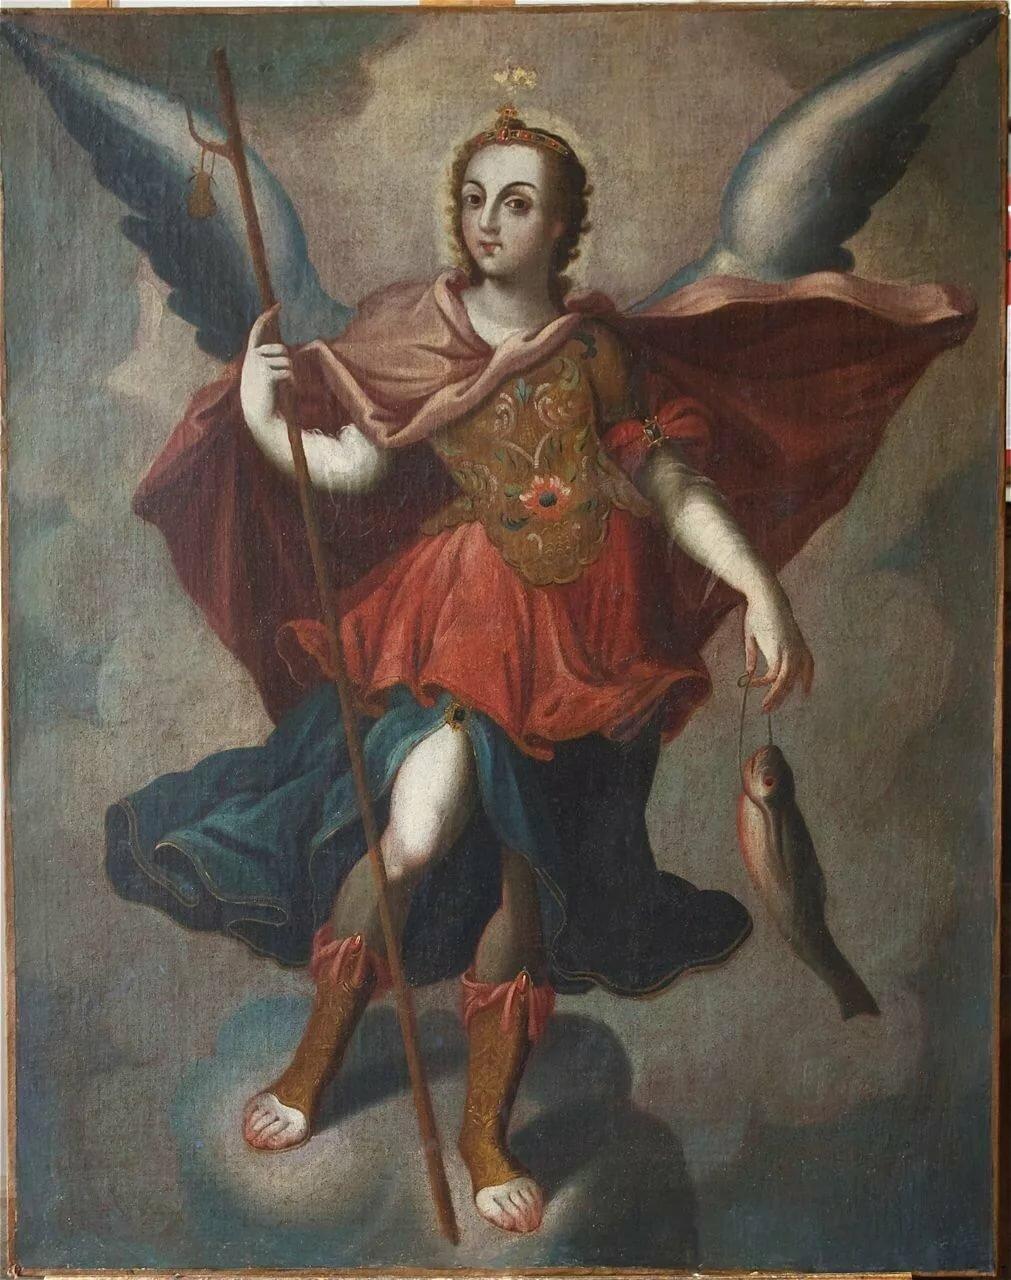 фото архангелов с крыльями инете полно фото